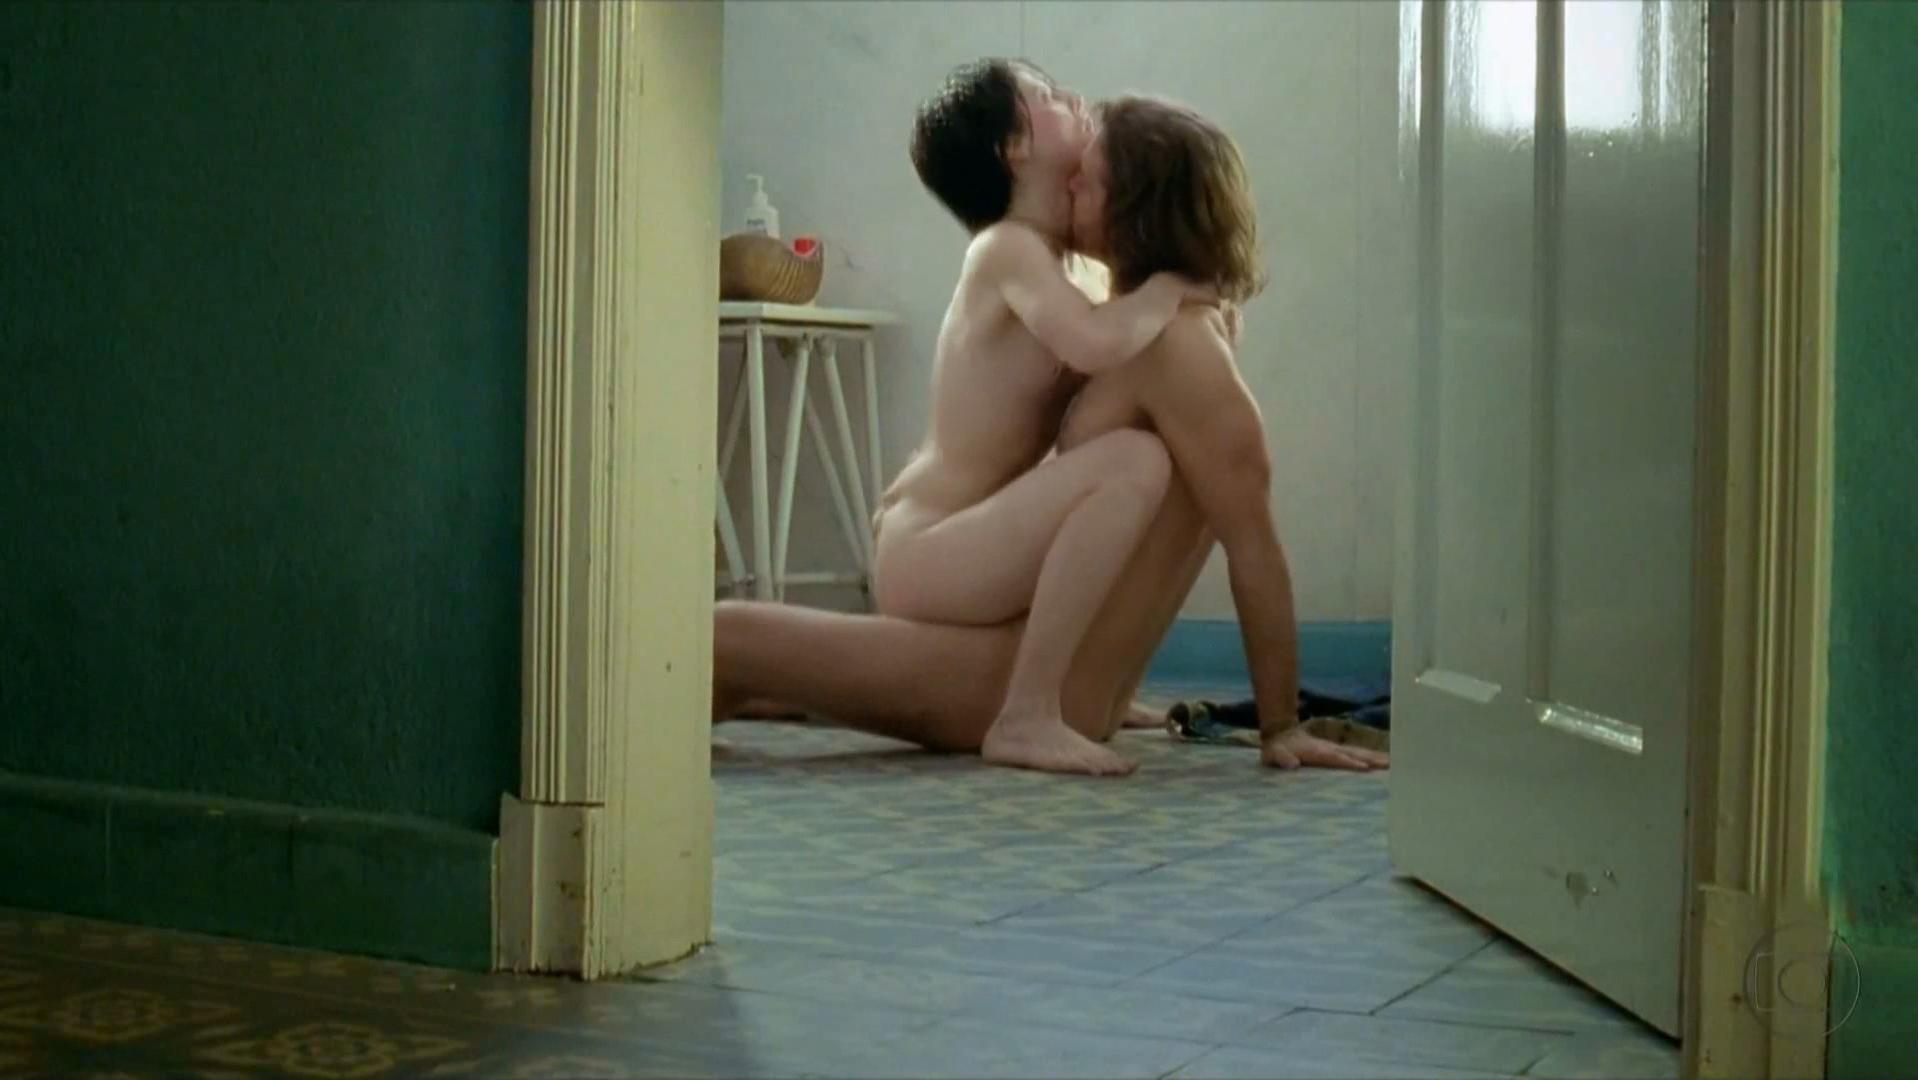 Ana de armas sex in a bath tub in por un punado de besos - 1 part 5